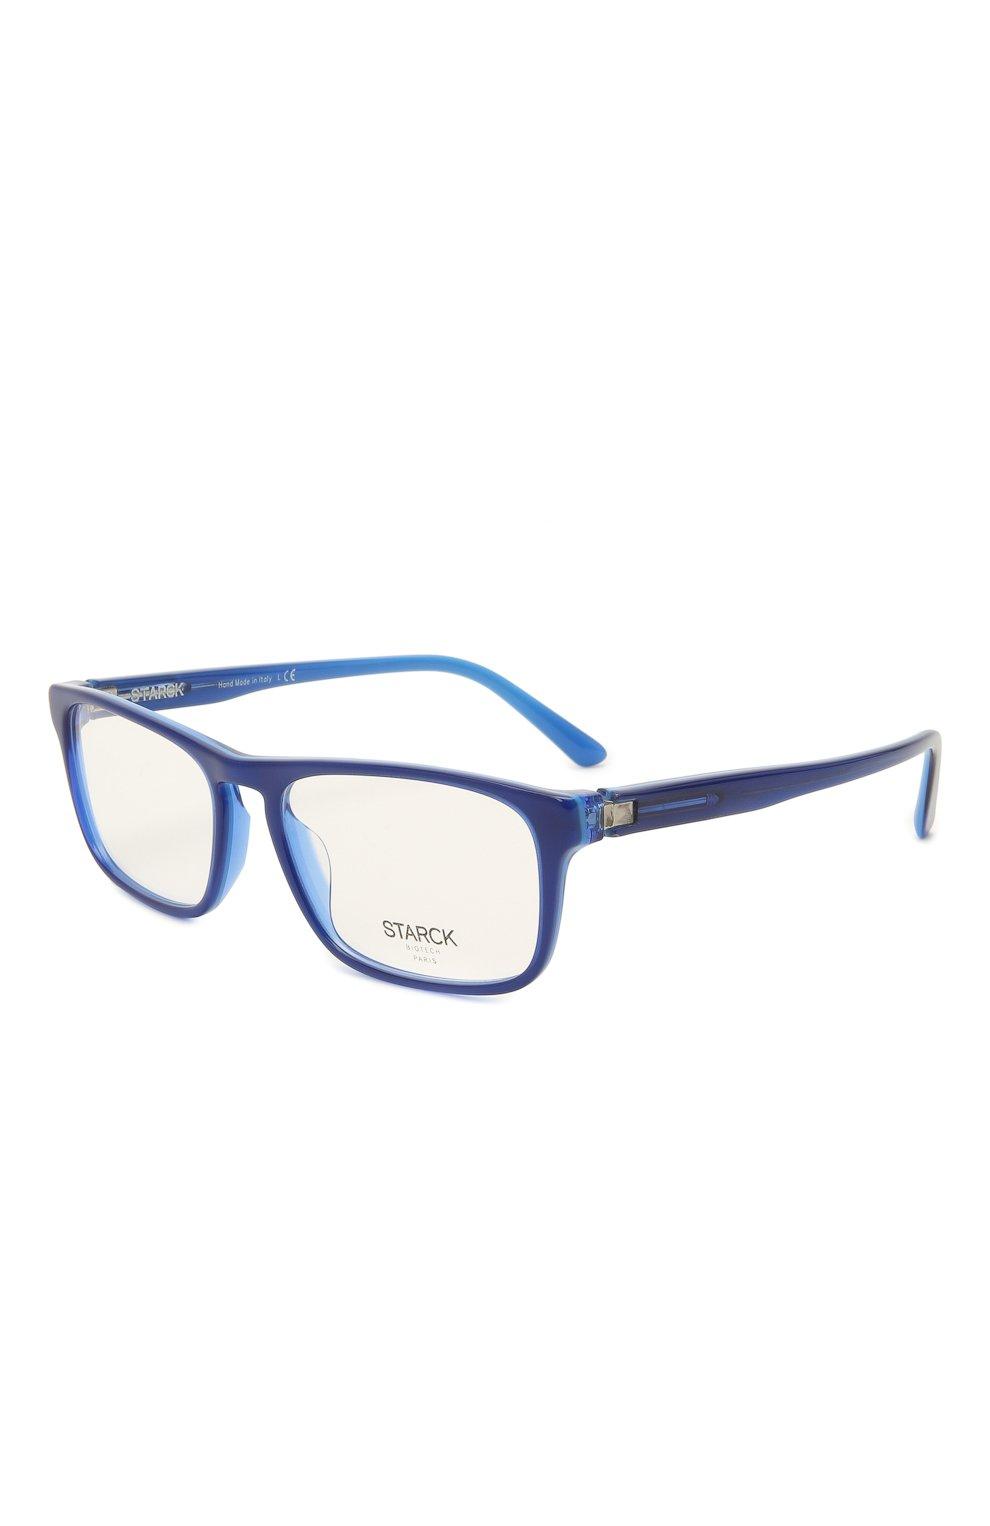 Мужские оправа STARCK EYES синего цвета, арт. 3059-0003 | Фото 1 (Тип очков: Оправа; Очки форма: Прямоугольные; Оптика Гендер: оптика-мужское)